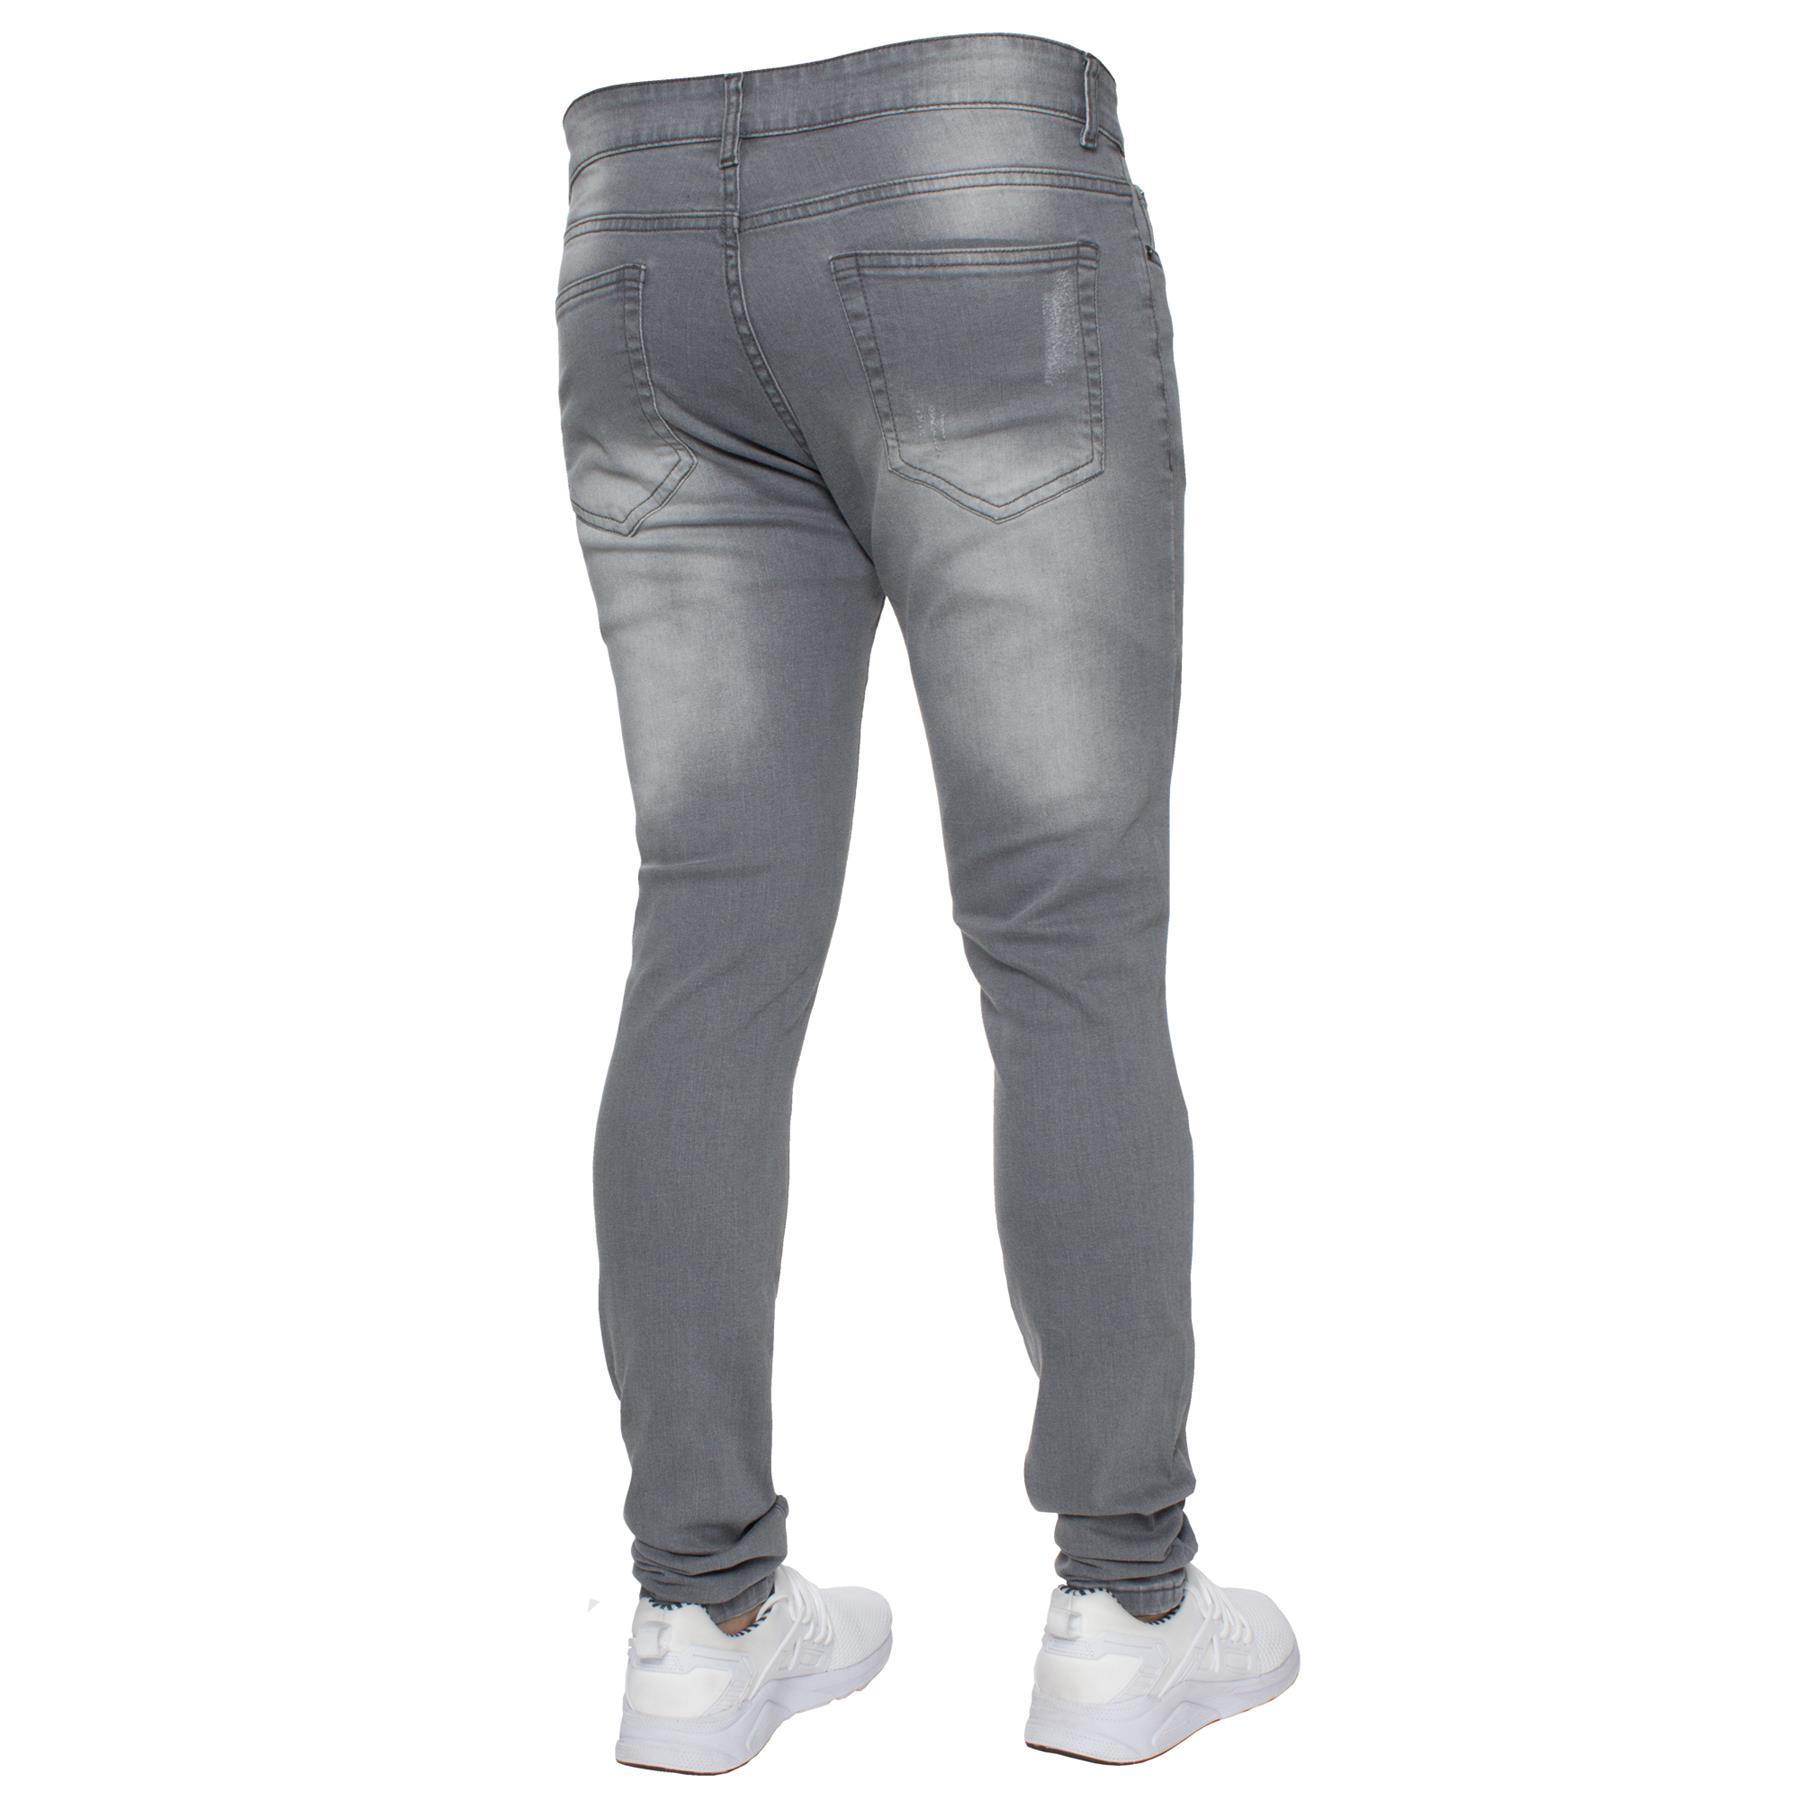 Para-hombre-Super-Skinny-Ripped-Jeans-Pantalones-Ajustados-desgastados-Denim-Envejecido-Todas miniatura 19